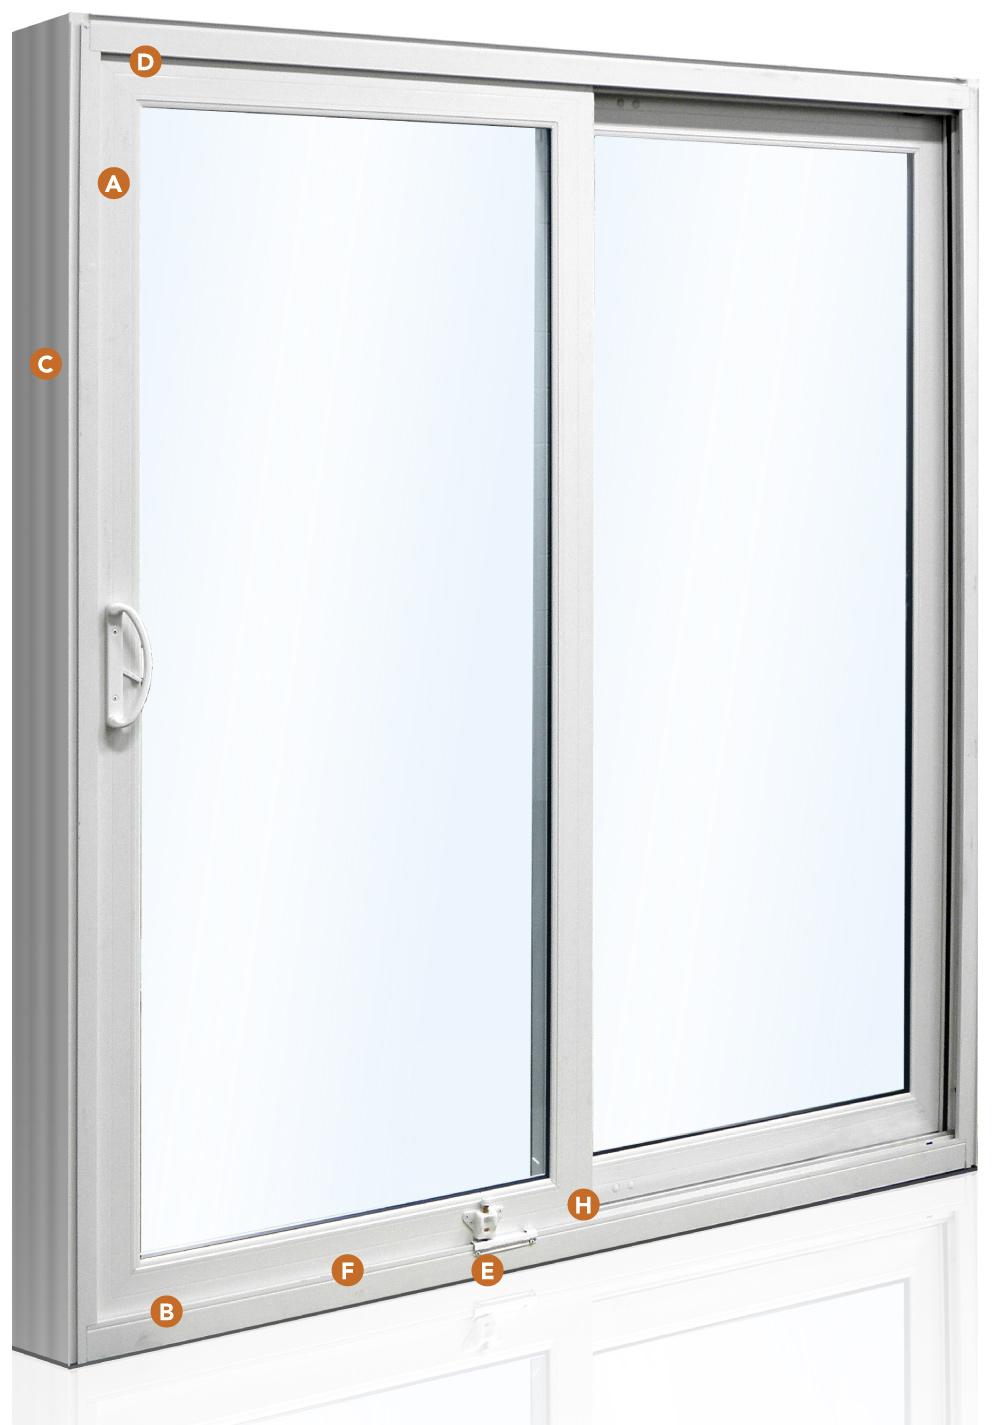 Aspect Patio door features